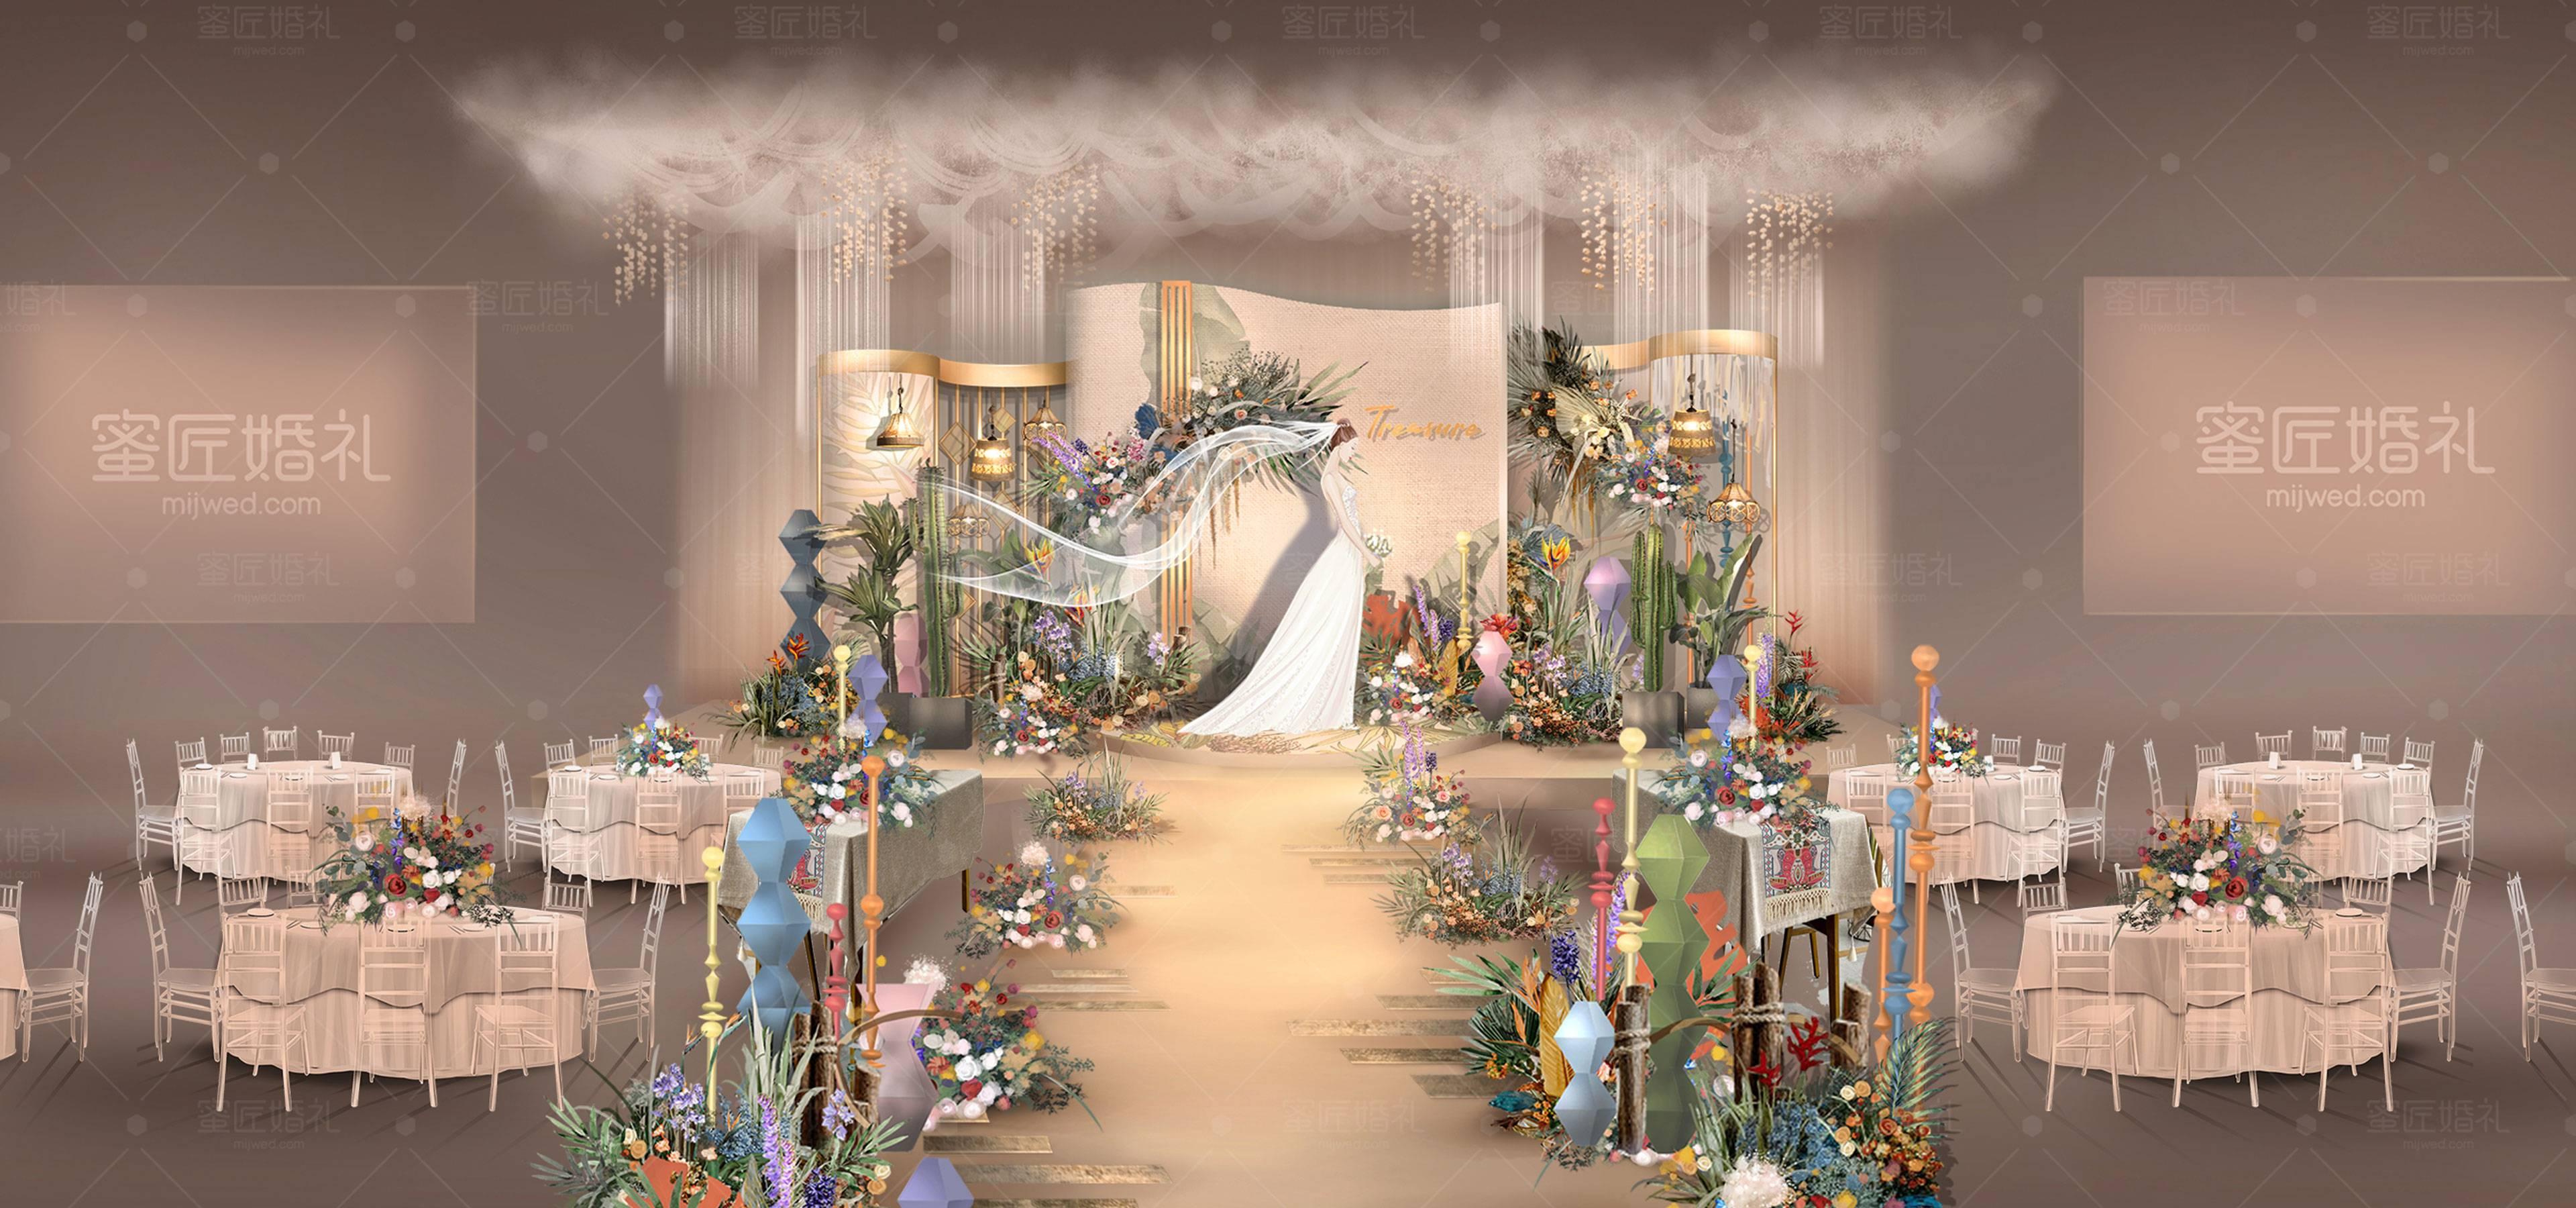 长沙婚礼策划方案:漫步哈瓦那1